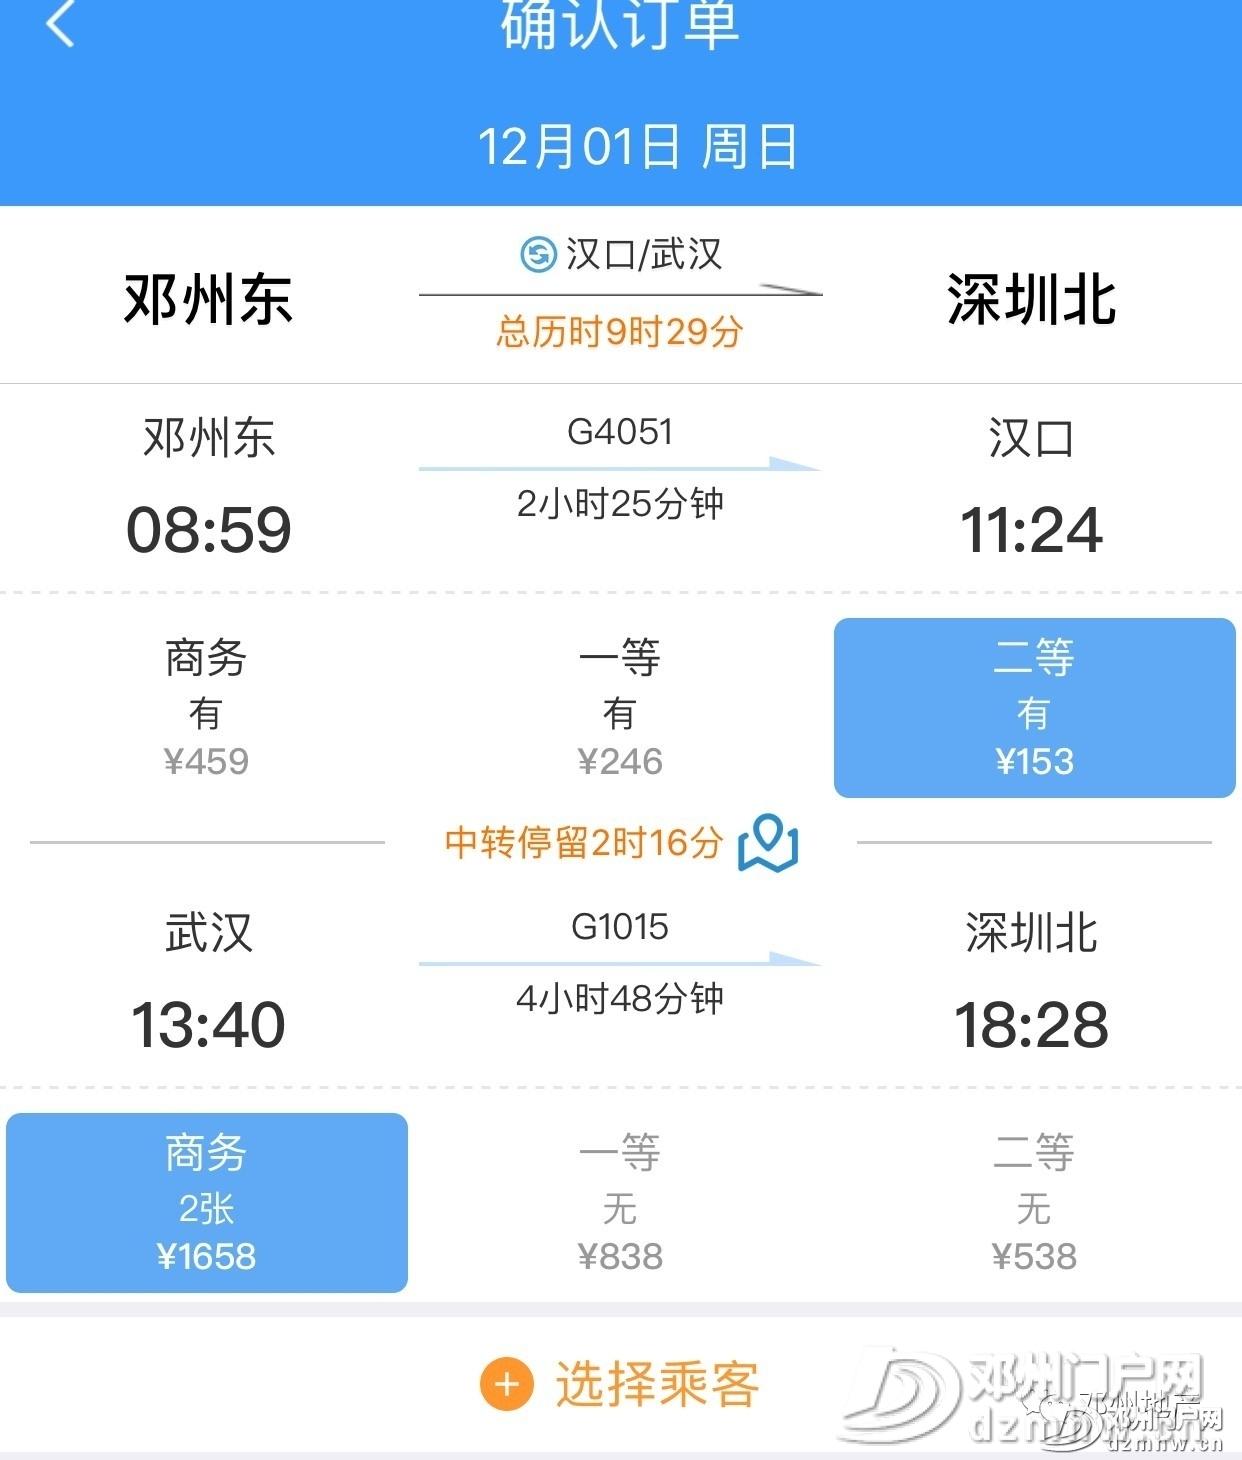 邓州高铁通往北上广深杭津成等城市票价和时刻表来了 - 邓州门户网 邓州网 - 1a0d43e9ad26932dcaa7007ef46033c0.jpg